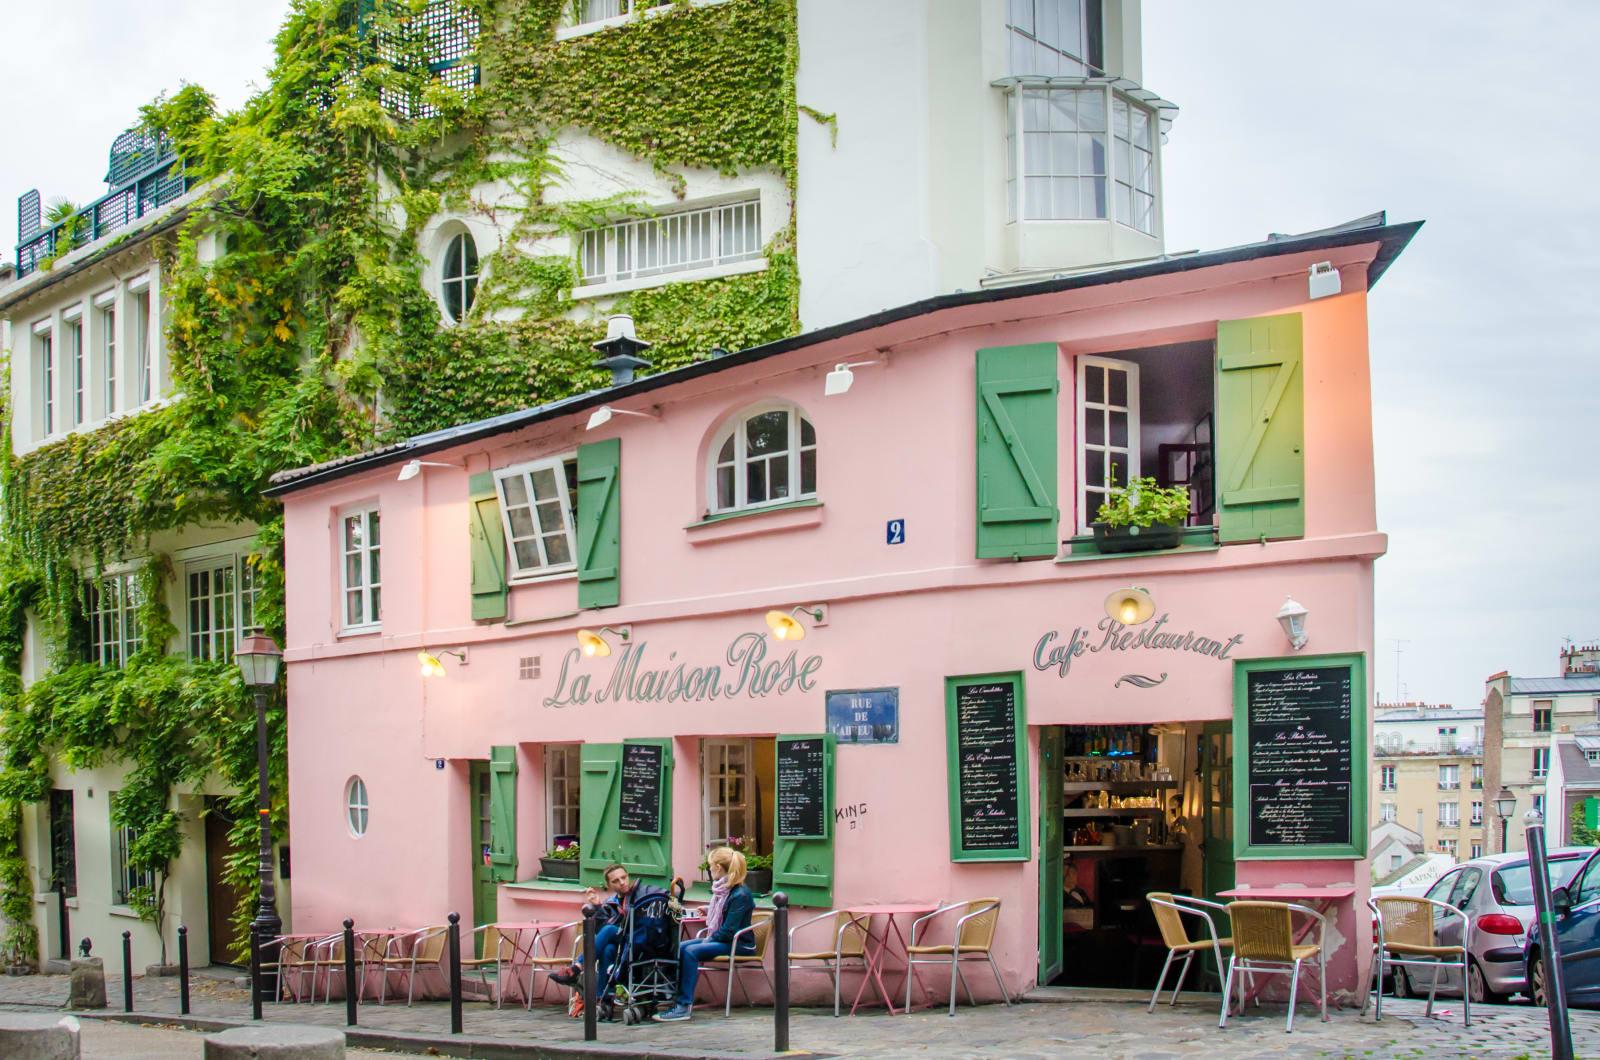 The restaurant La Maison Rose in Paris, France